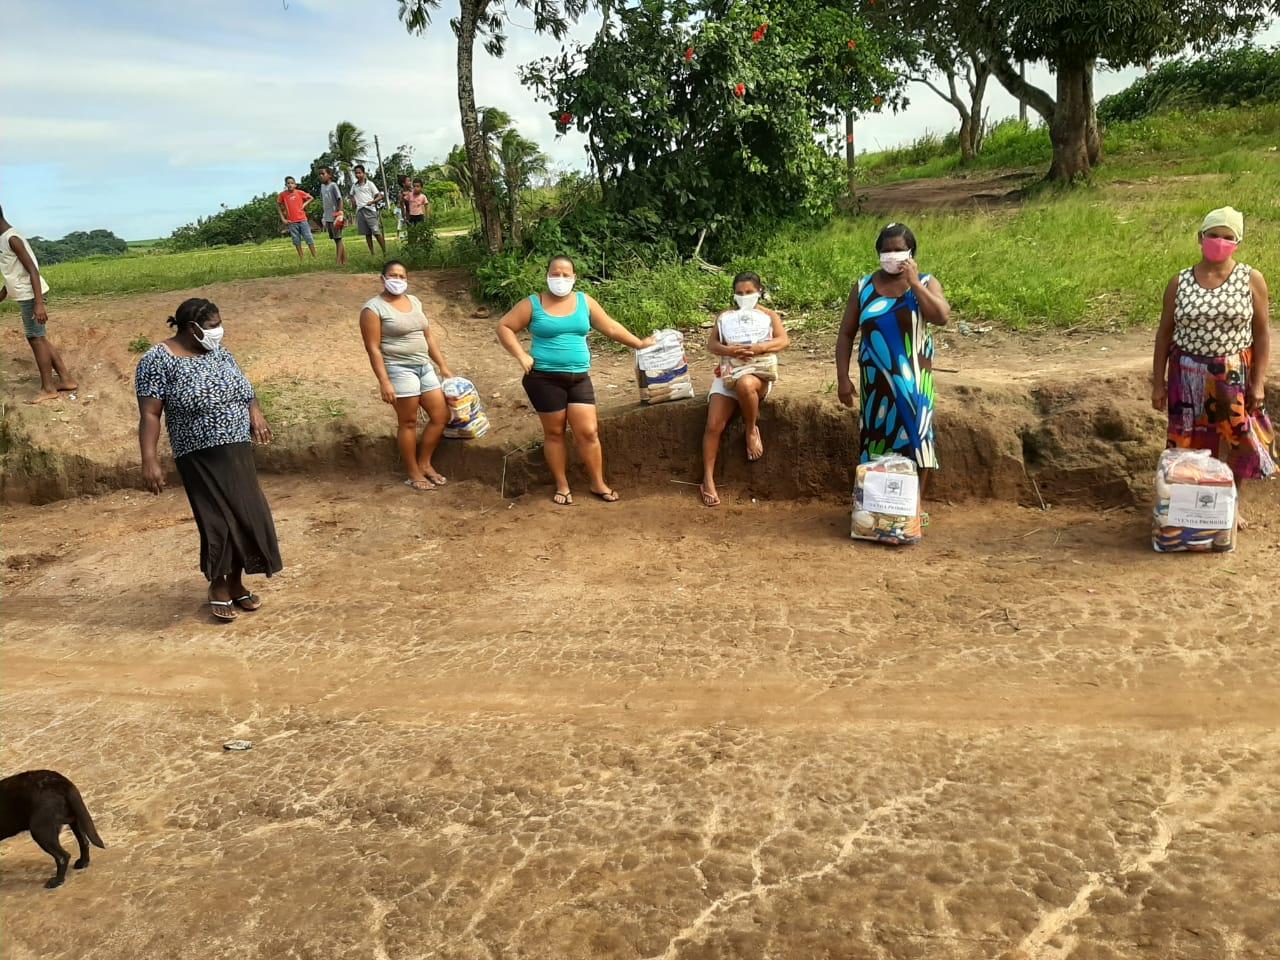 Entrega das cestas básicas no Quilombo Jaqueira, em Anadia.